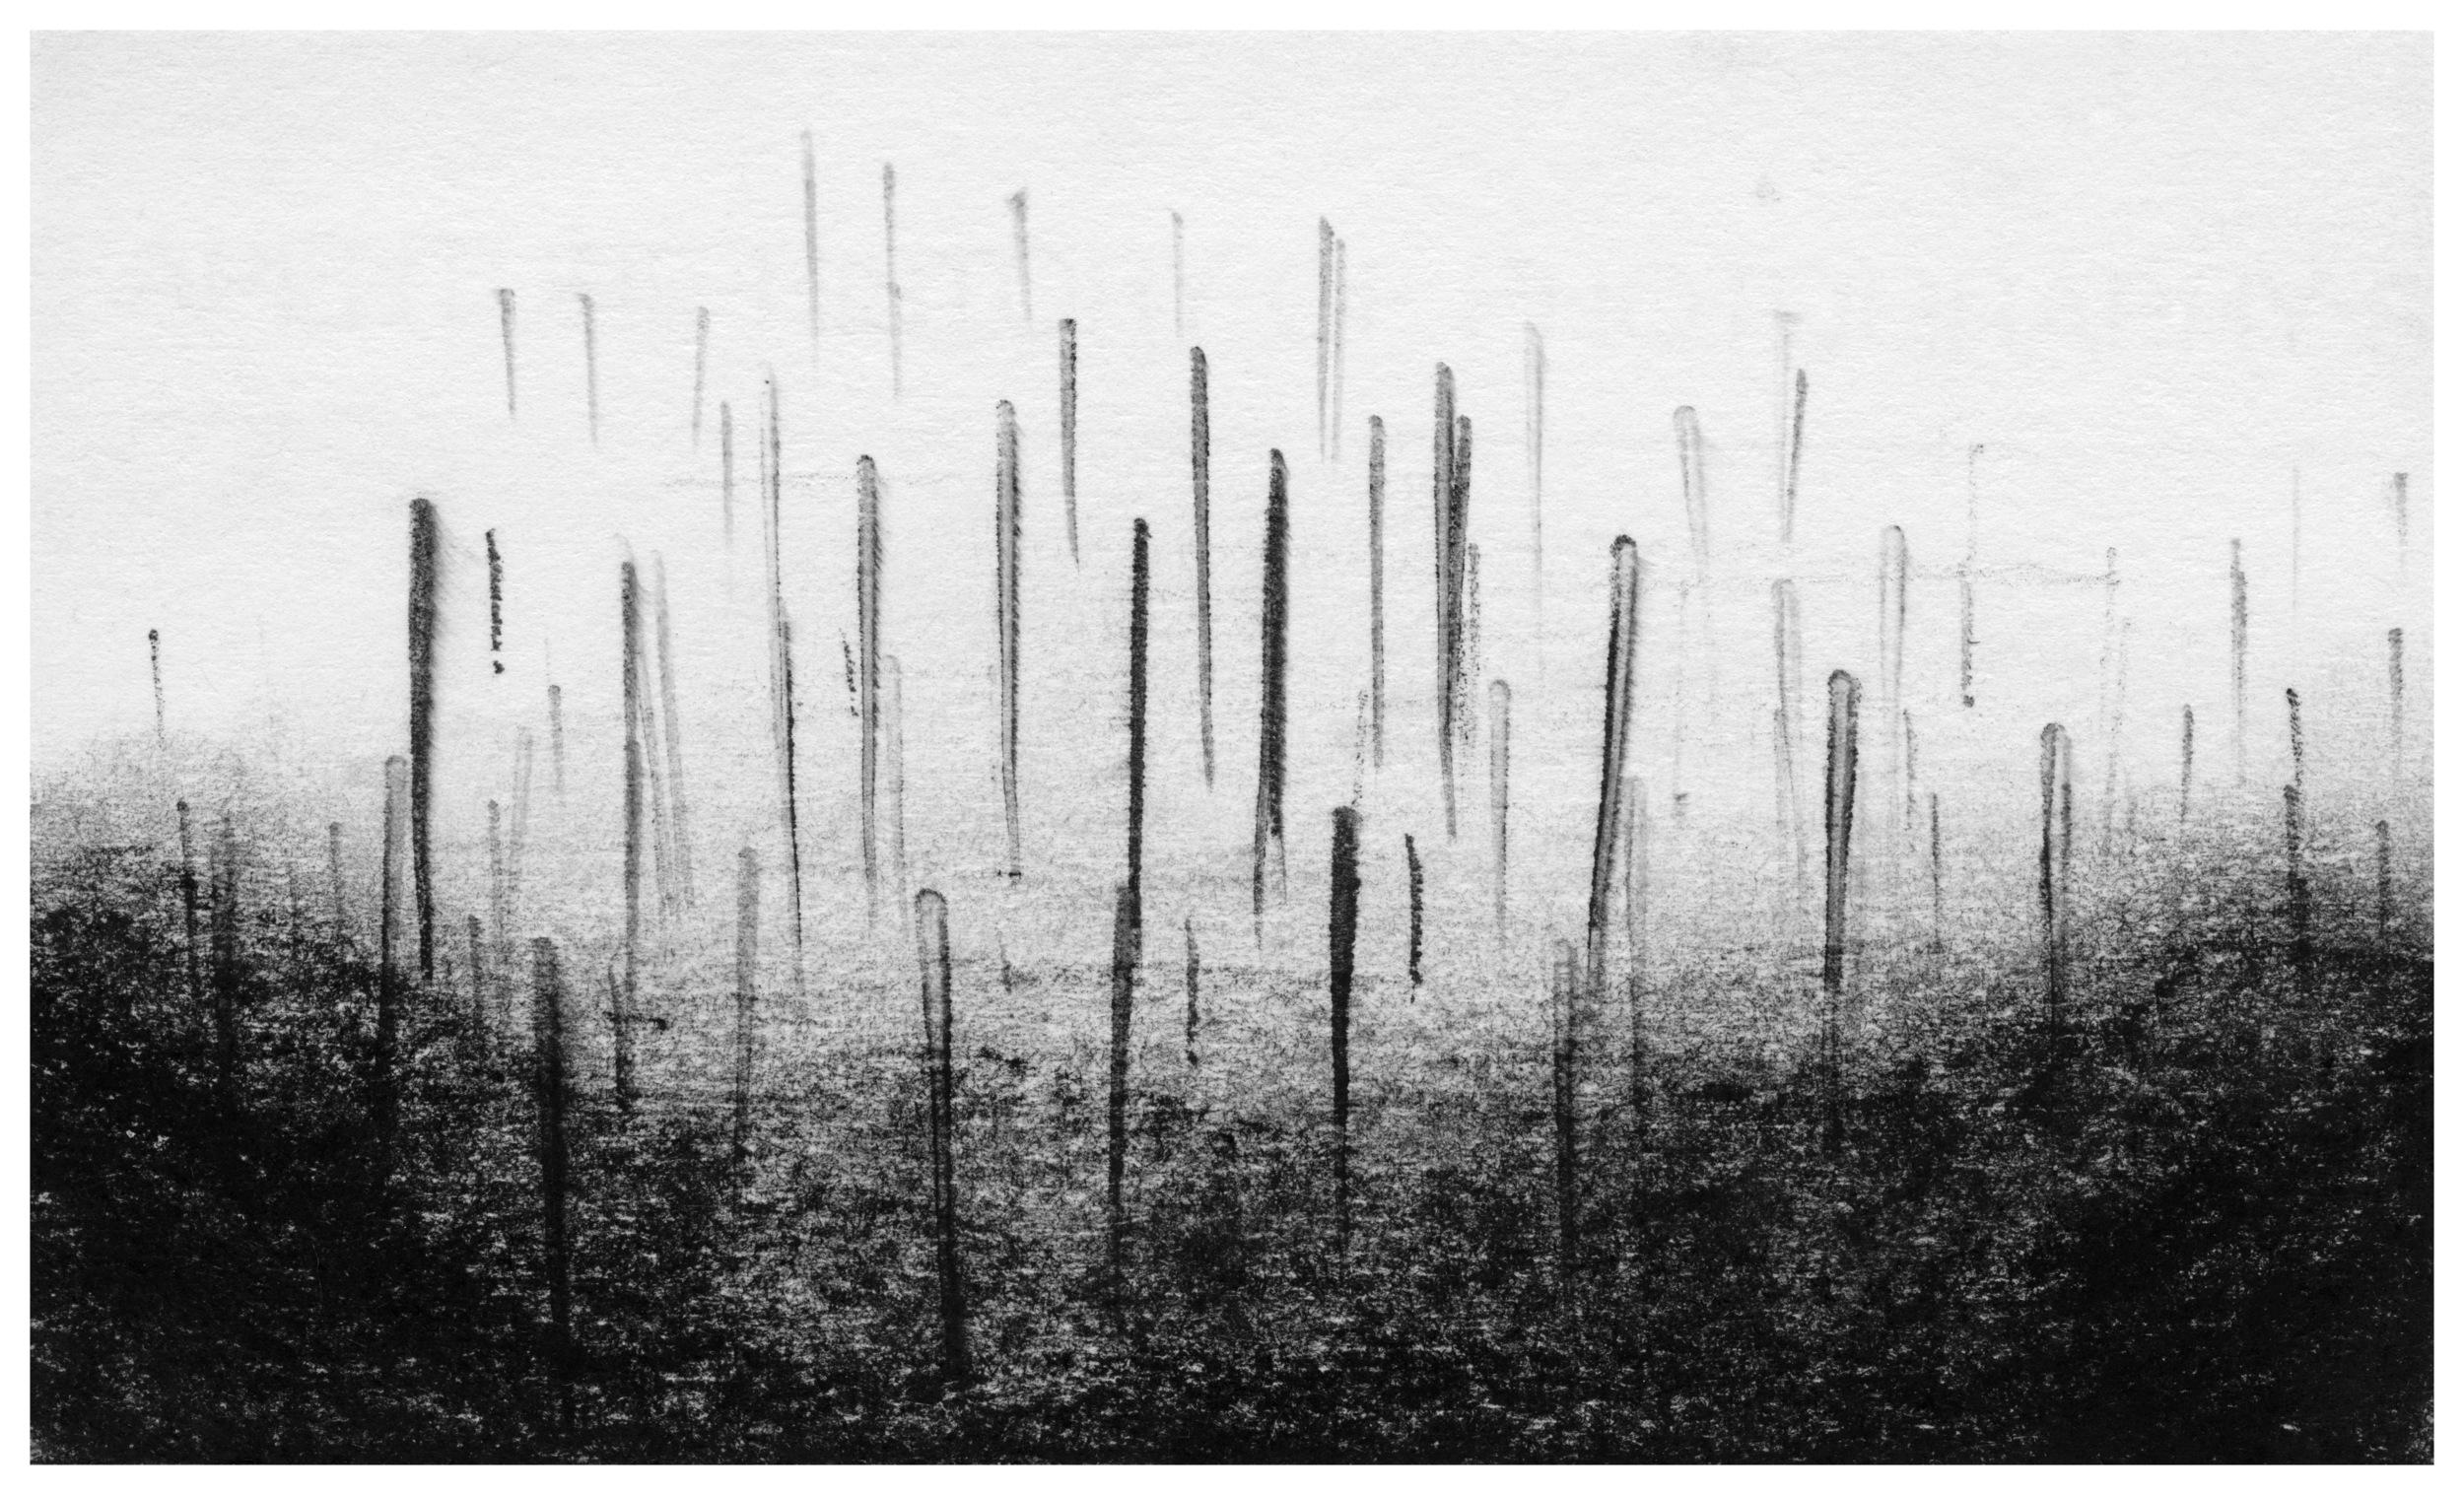 trees01_med.jpg